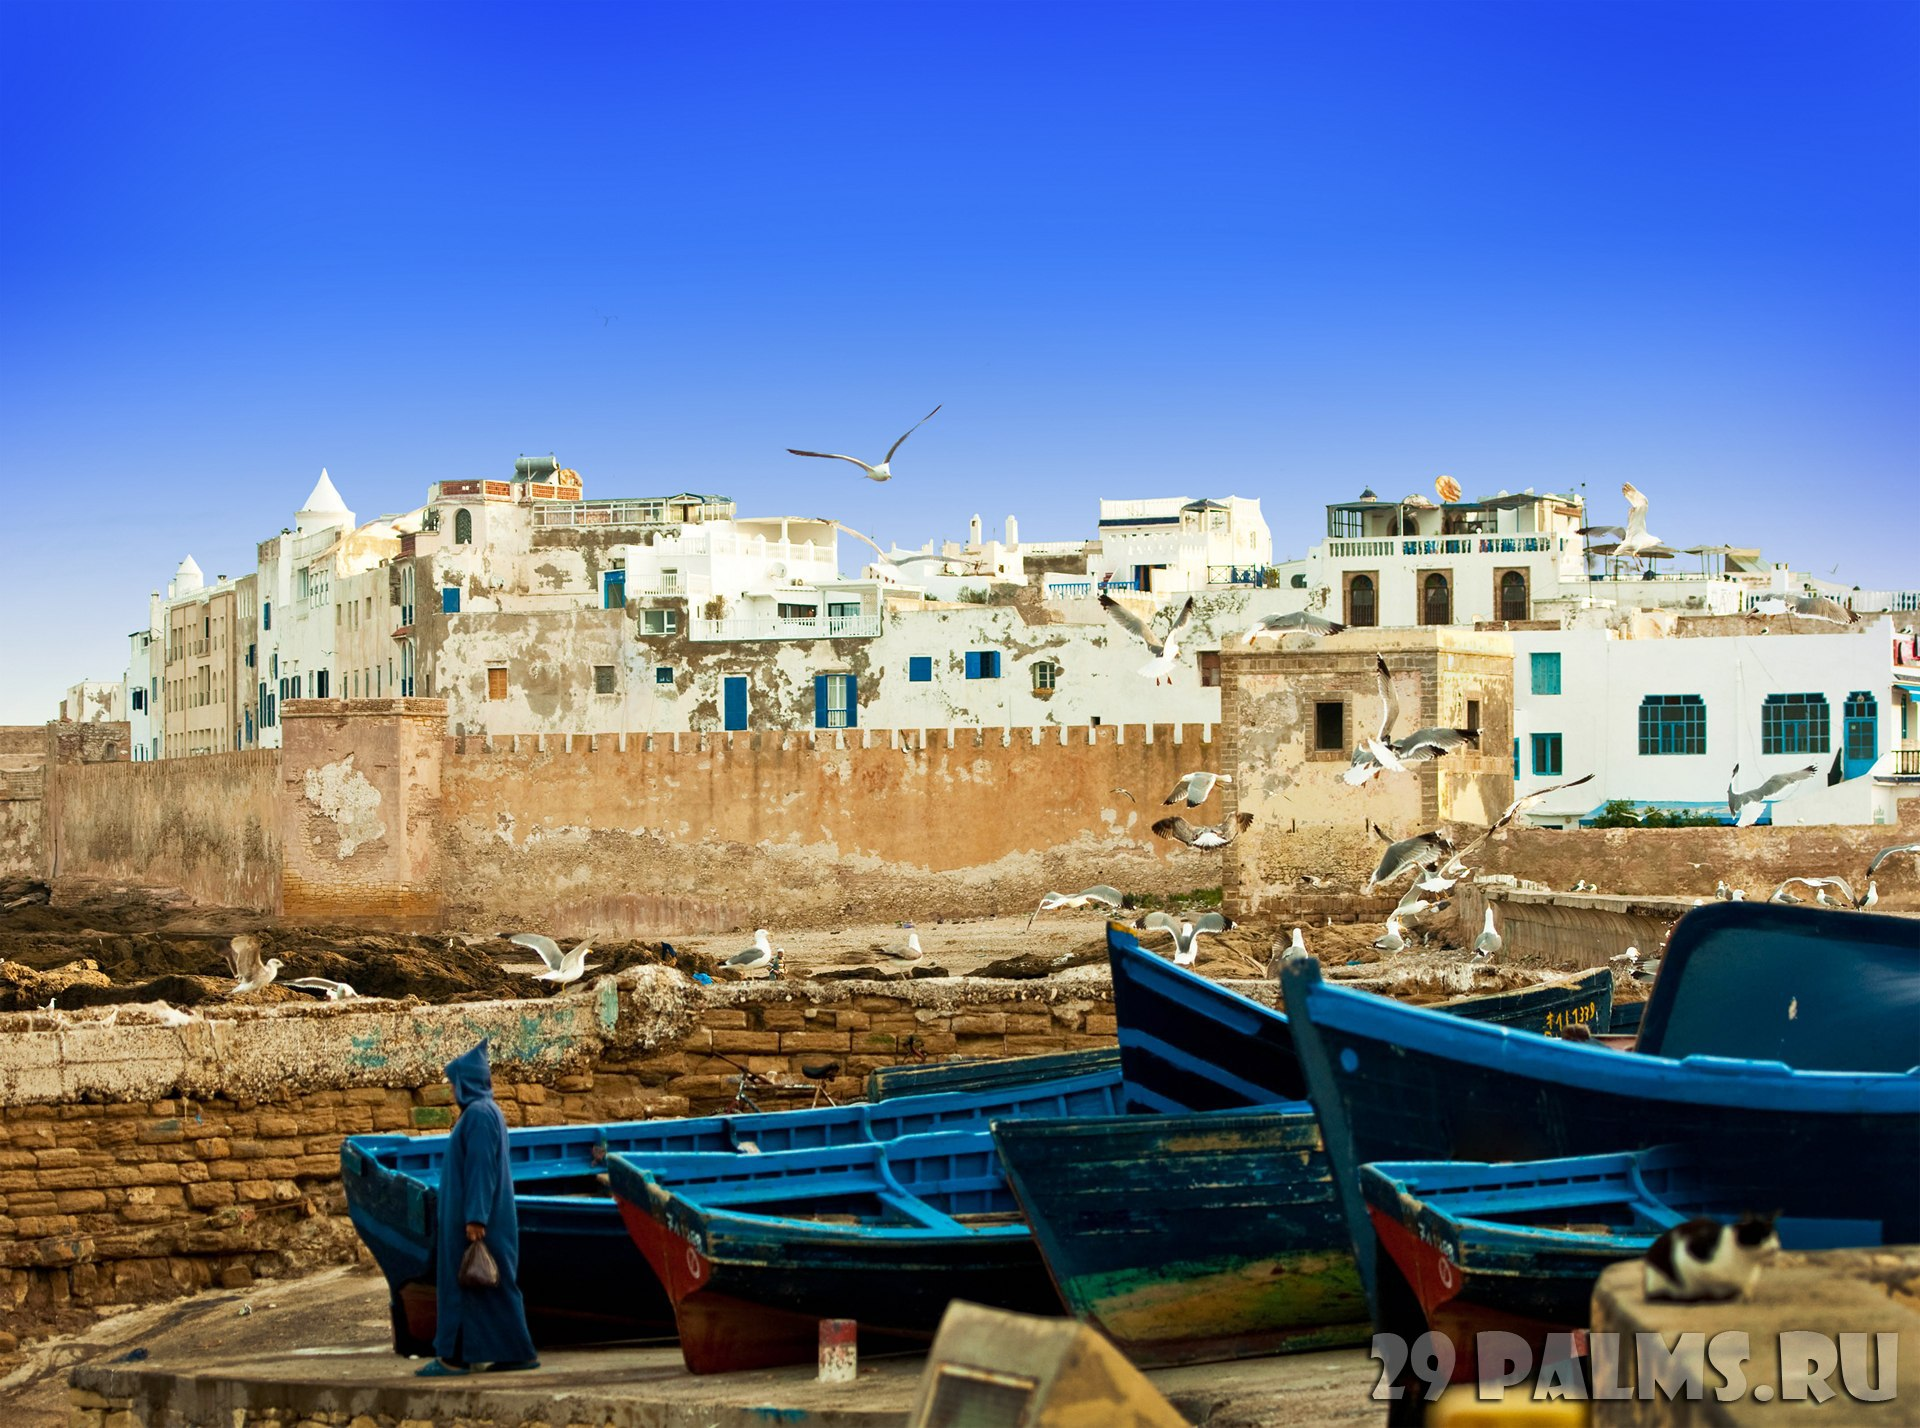 картинка фотография курорта Эс-Сувейра в Марокко